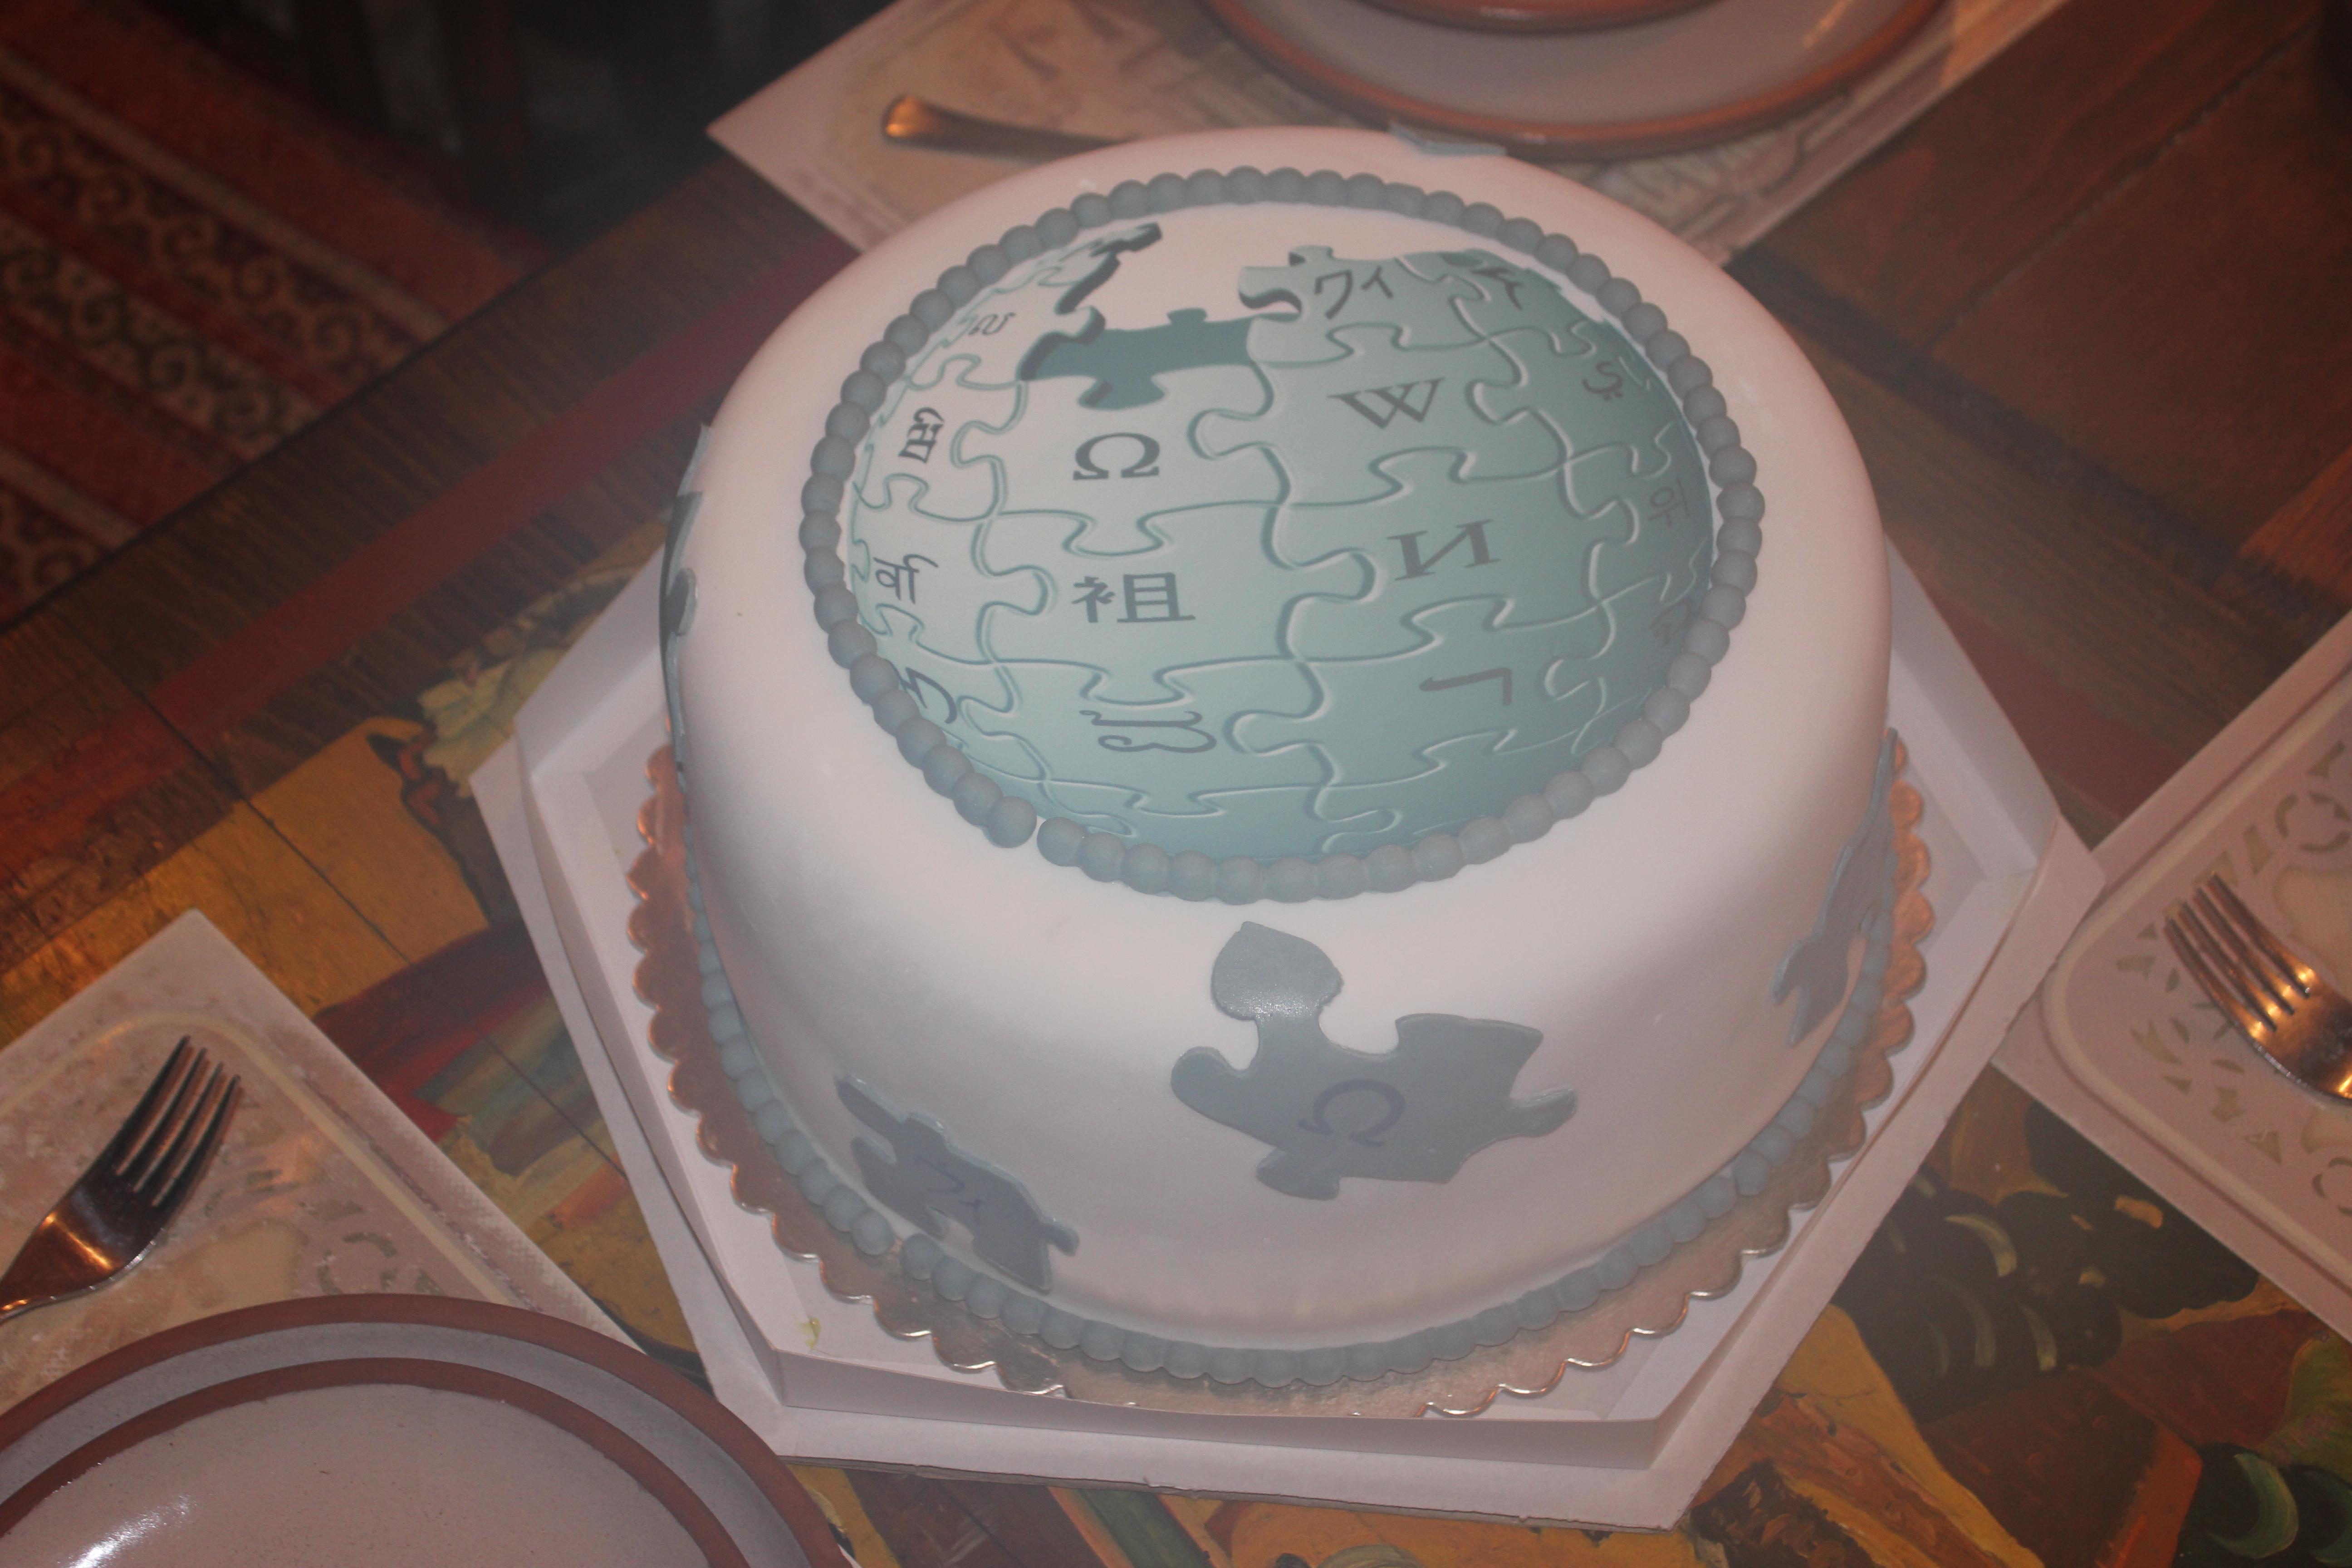 Tremendous File Armenian Wiki Birthday Cake 2013 Jpg Wikimedia Commons Funny Birthday Cards Online Aeocydamsfinfo